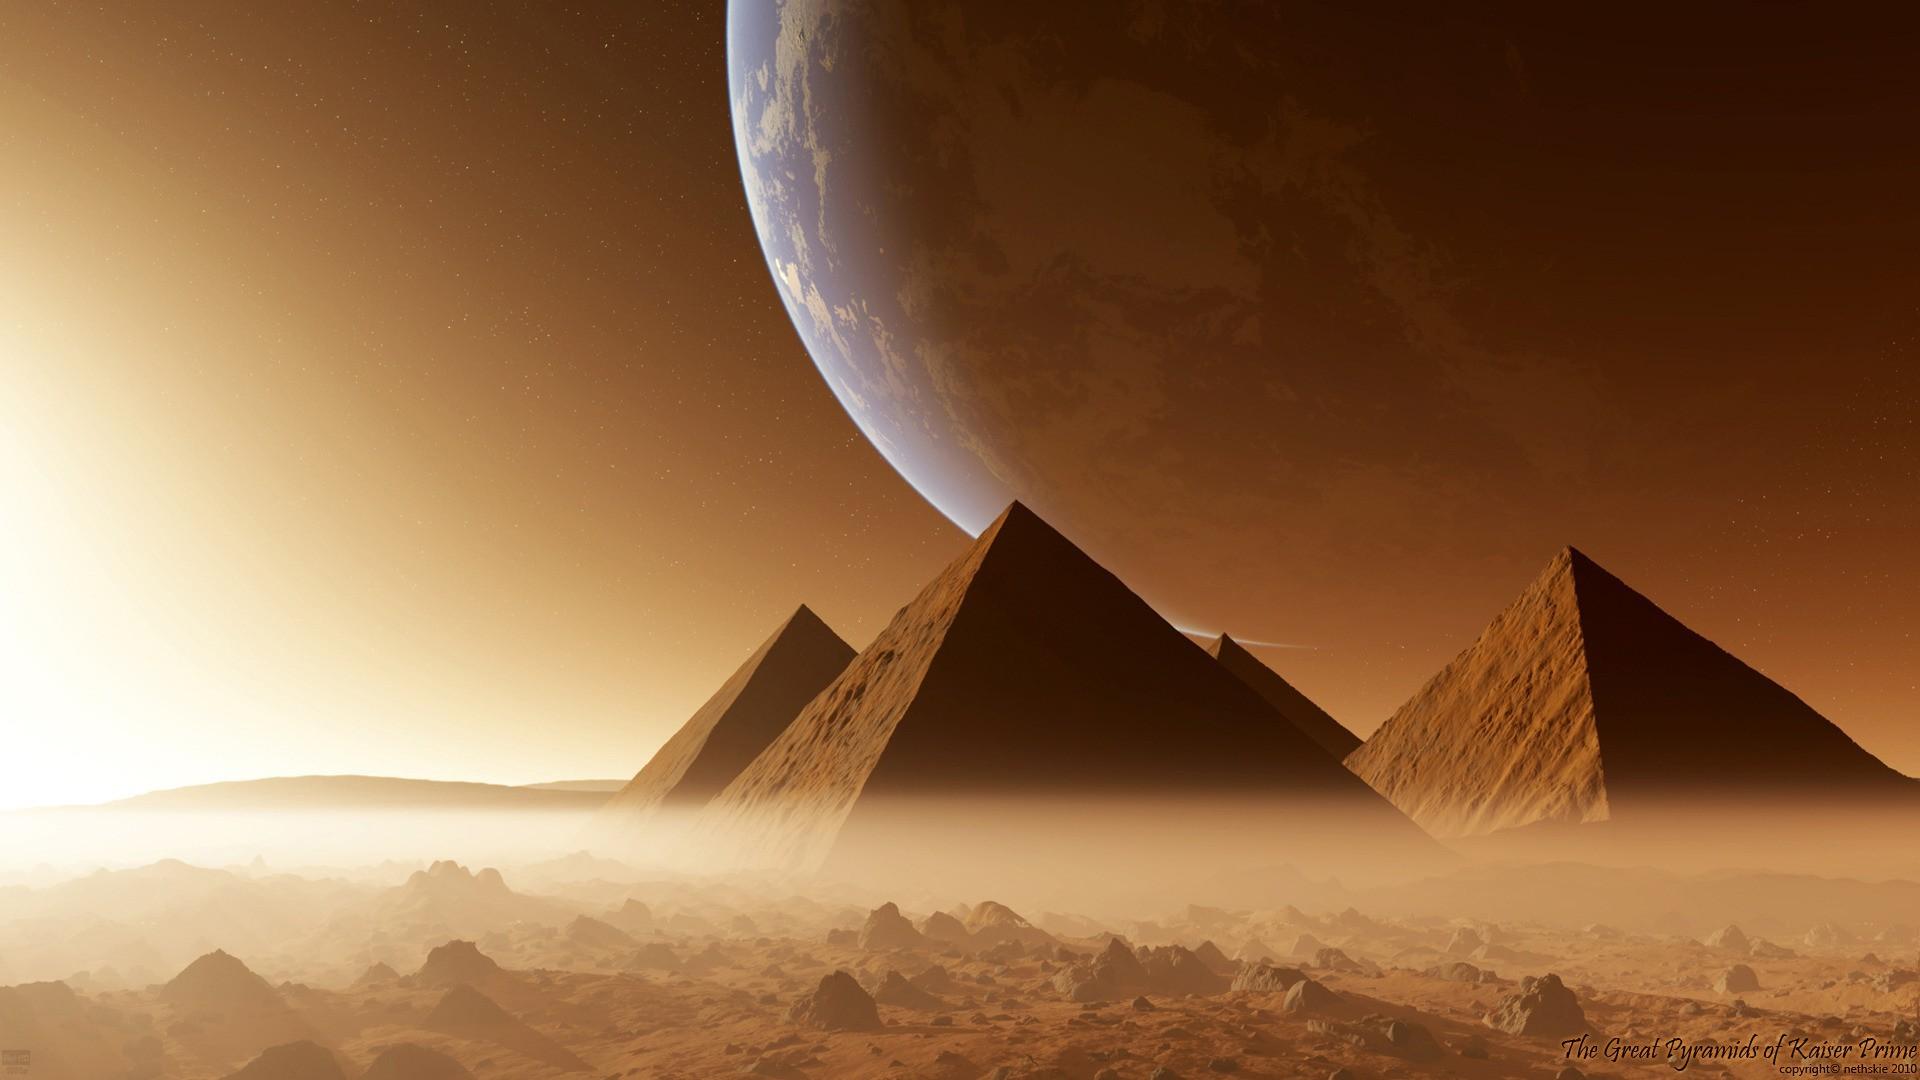 Fond D Ecran Lumiere Du Soleil Art De L Espace Atmosphere Pyramide Egypte Monument Capture D Ecran Papier Peint De L Ordinateur Atmosphere De La Terre 1920x1080 Mbourrig 223556 Fond D Ecran